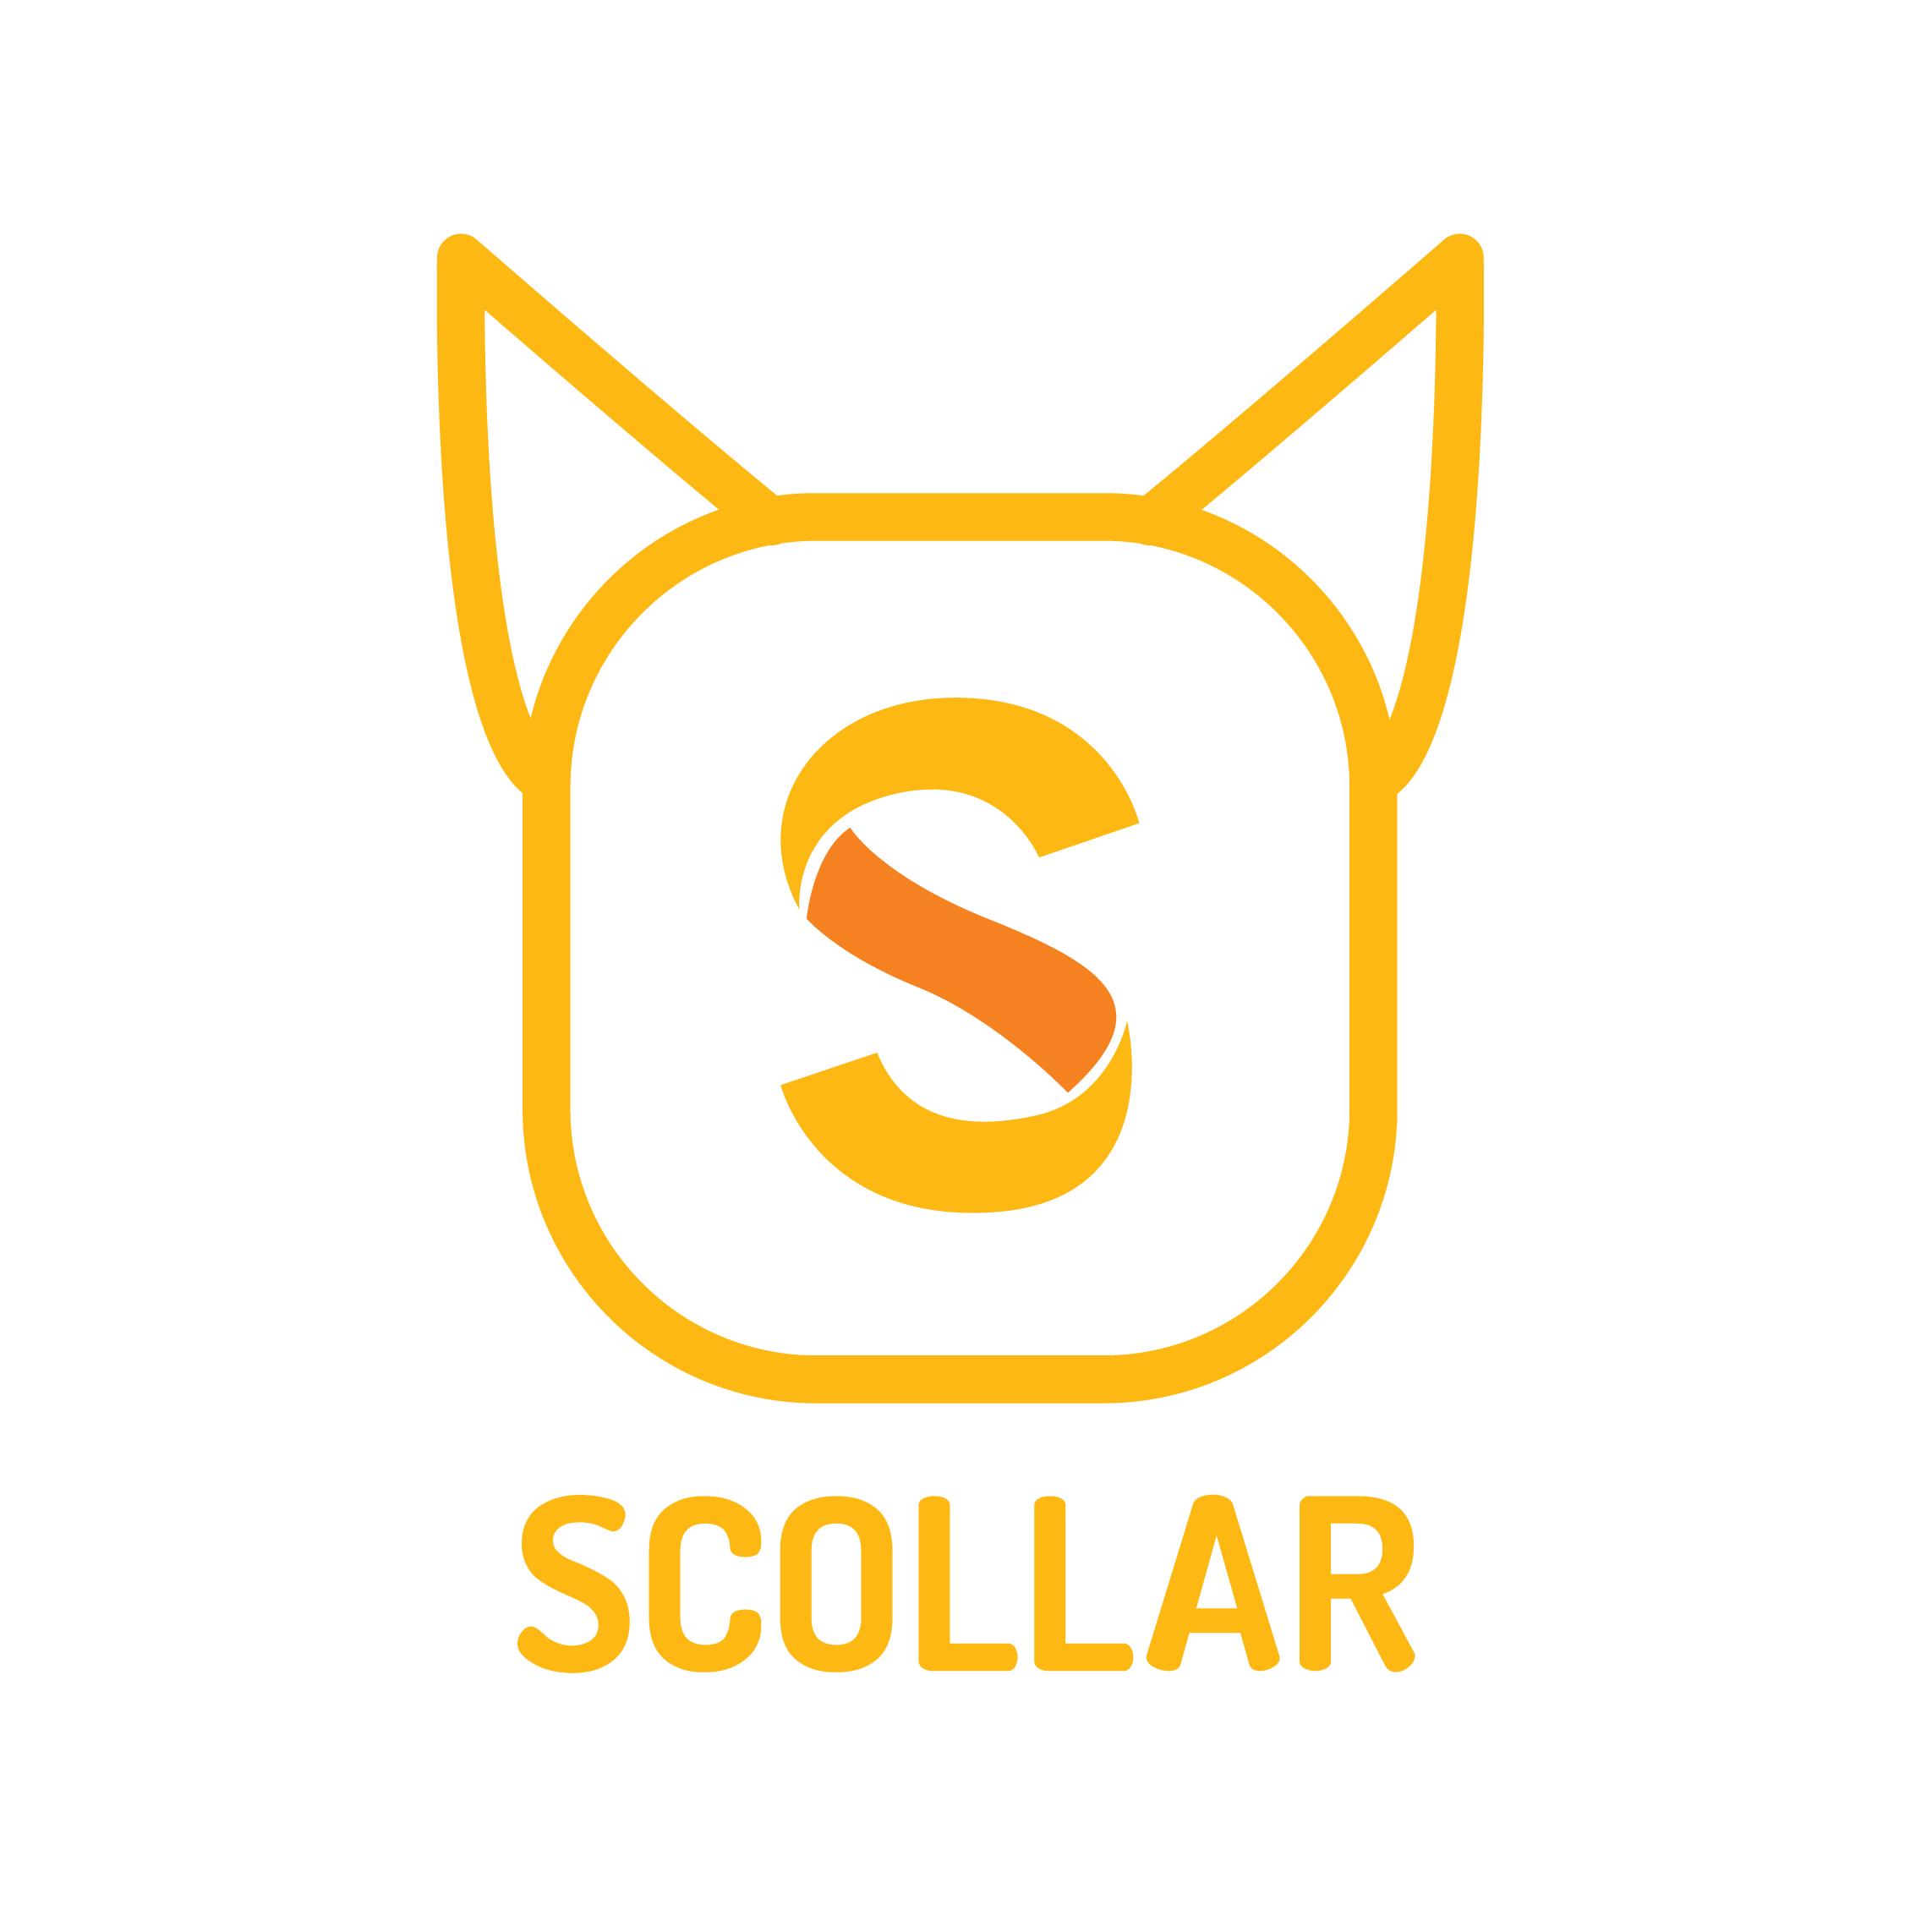 Scollar_logo-01.jpg